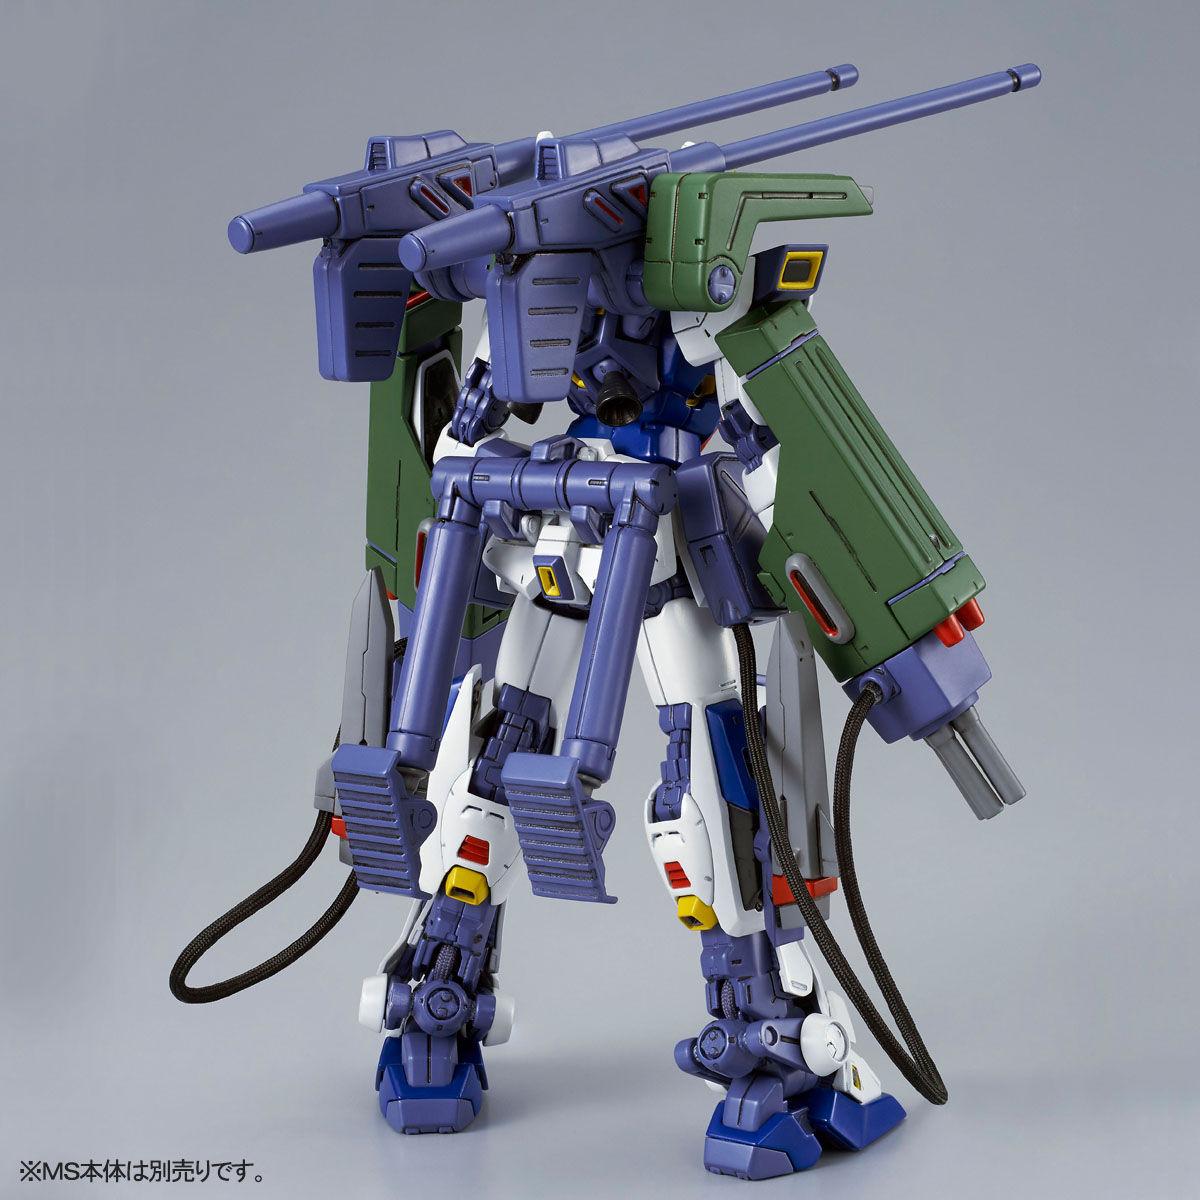 MG 1/100『ガンダムF90用 ミッションパック Eタイプ&Sタイプ』プラモデル-004